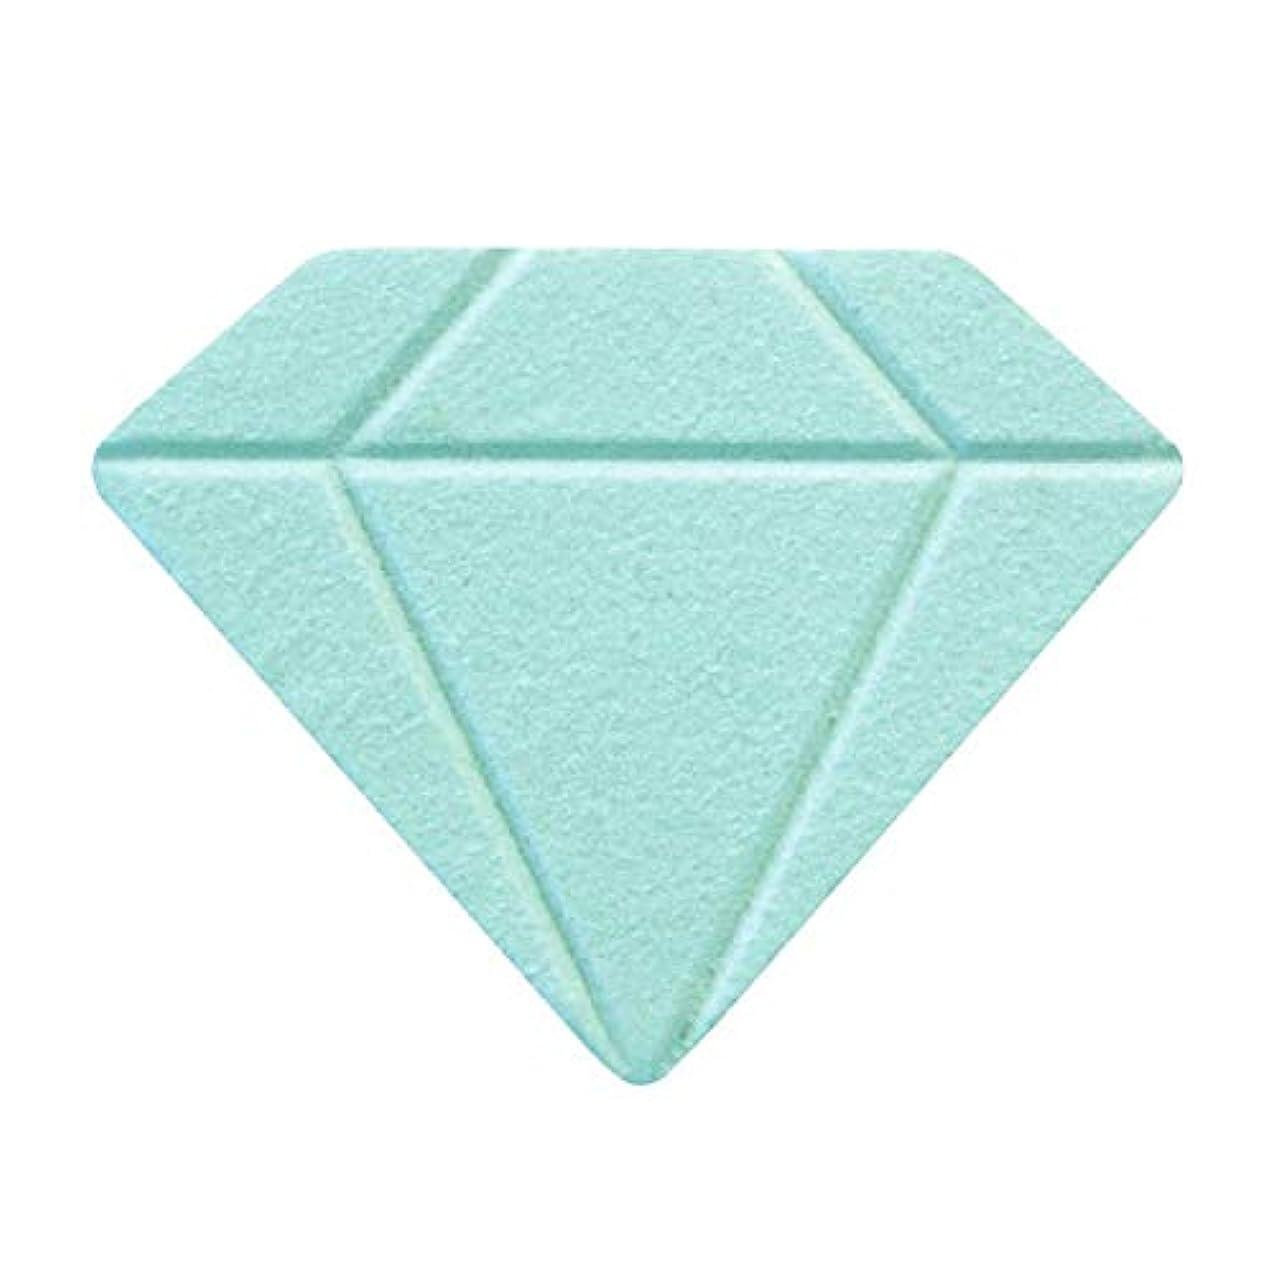 エゴイズムチャネル第四【ダイヤモンド】バスフィズ(ジャスミンハニー) 287964